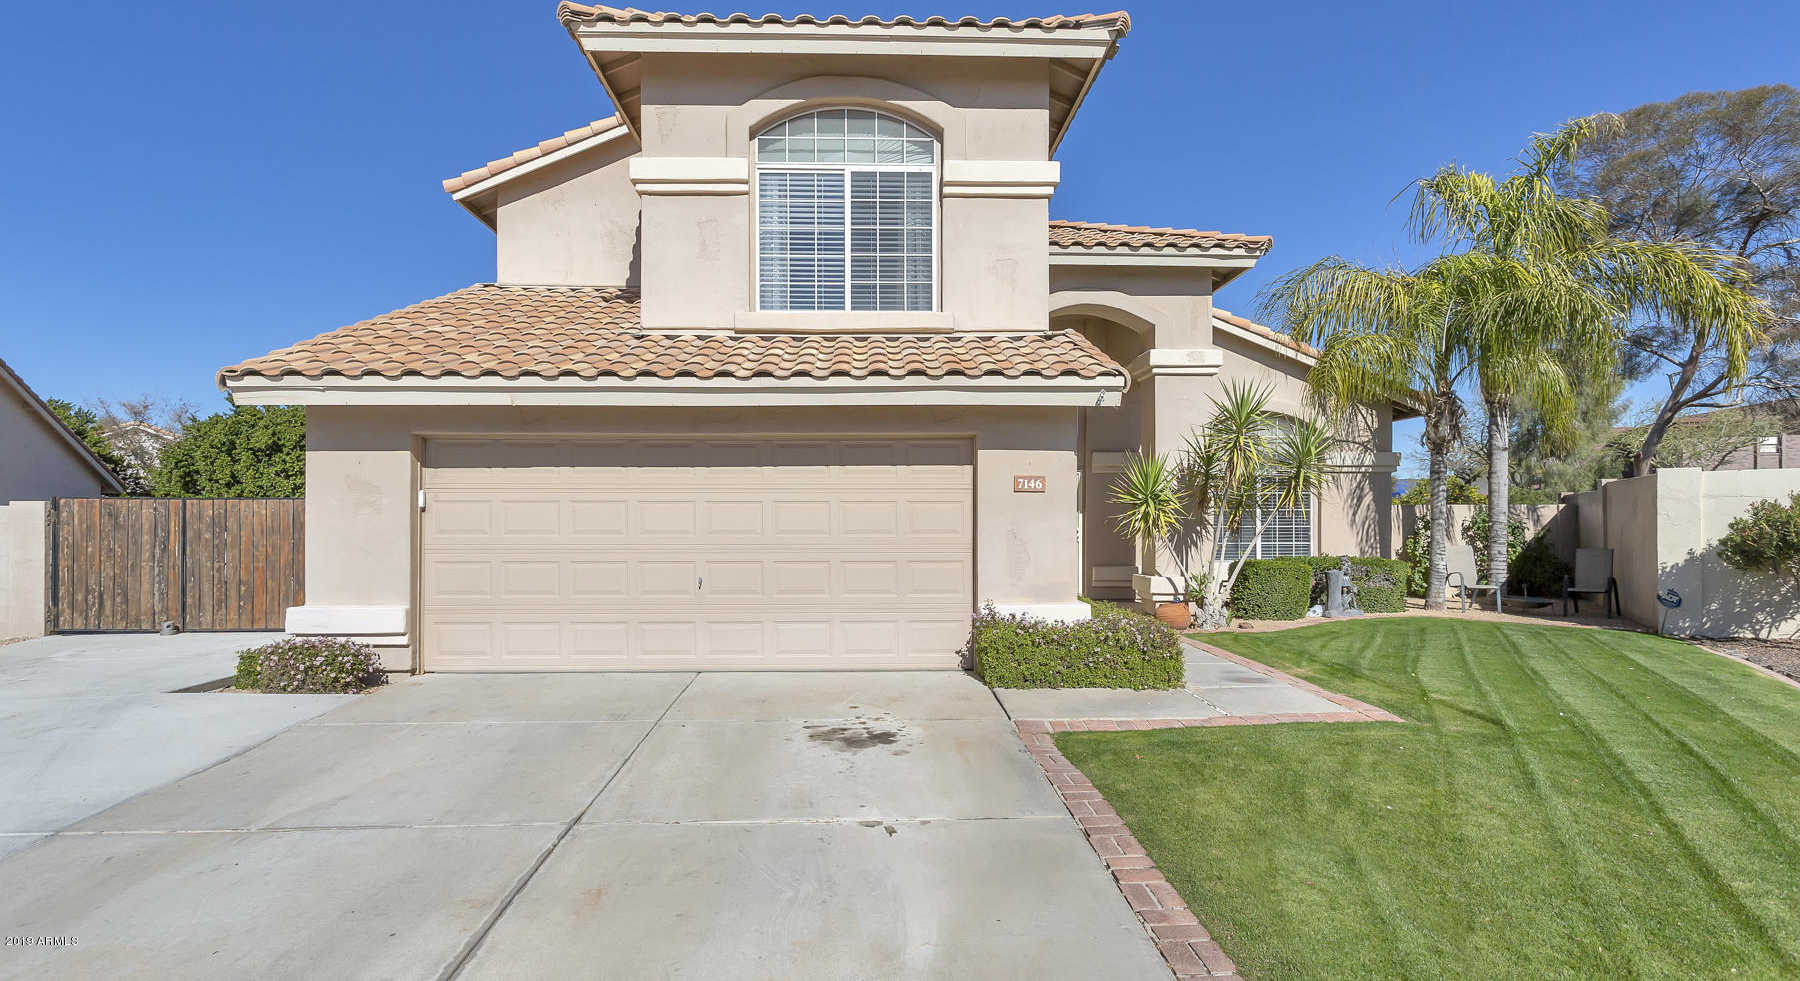 $389,900 - 5Br/3Ba - Home for Sale in Hillcrest Ranch Parcel C Lot 1-168 Tr A-k, Glendale